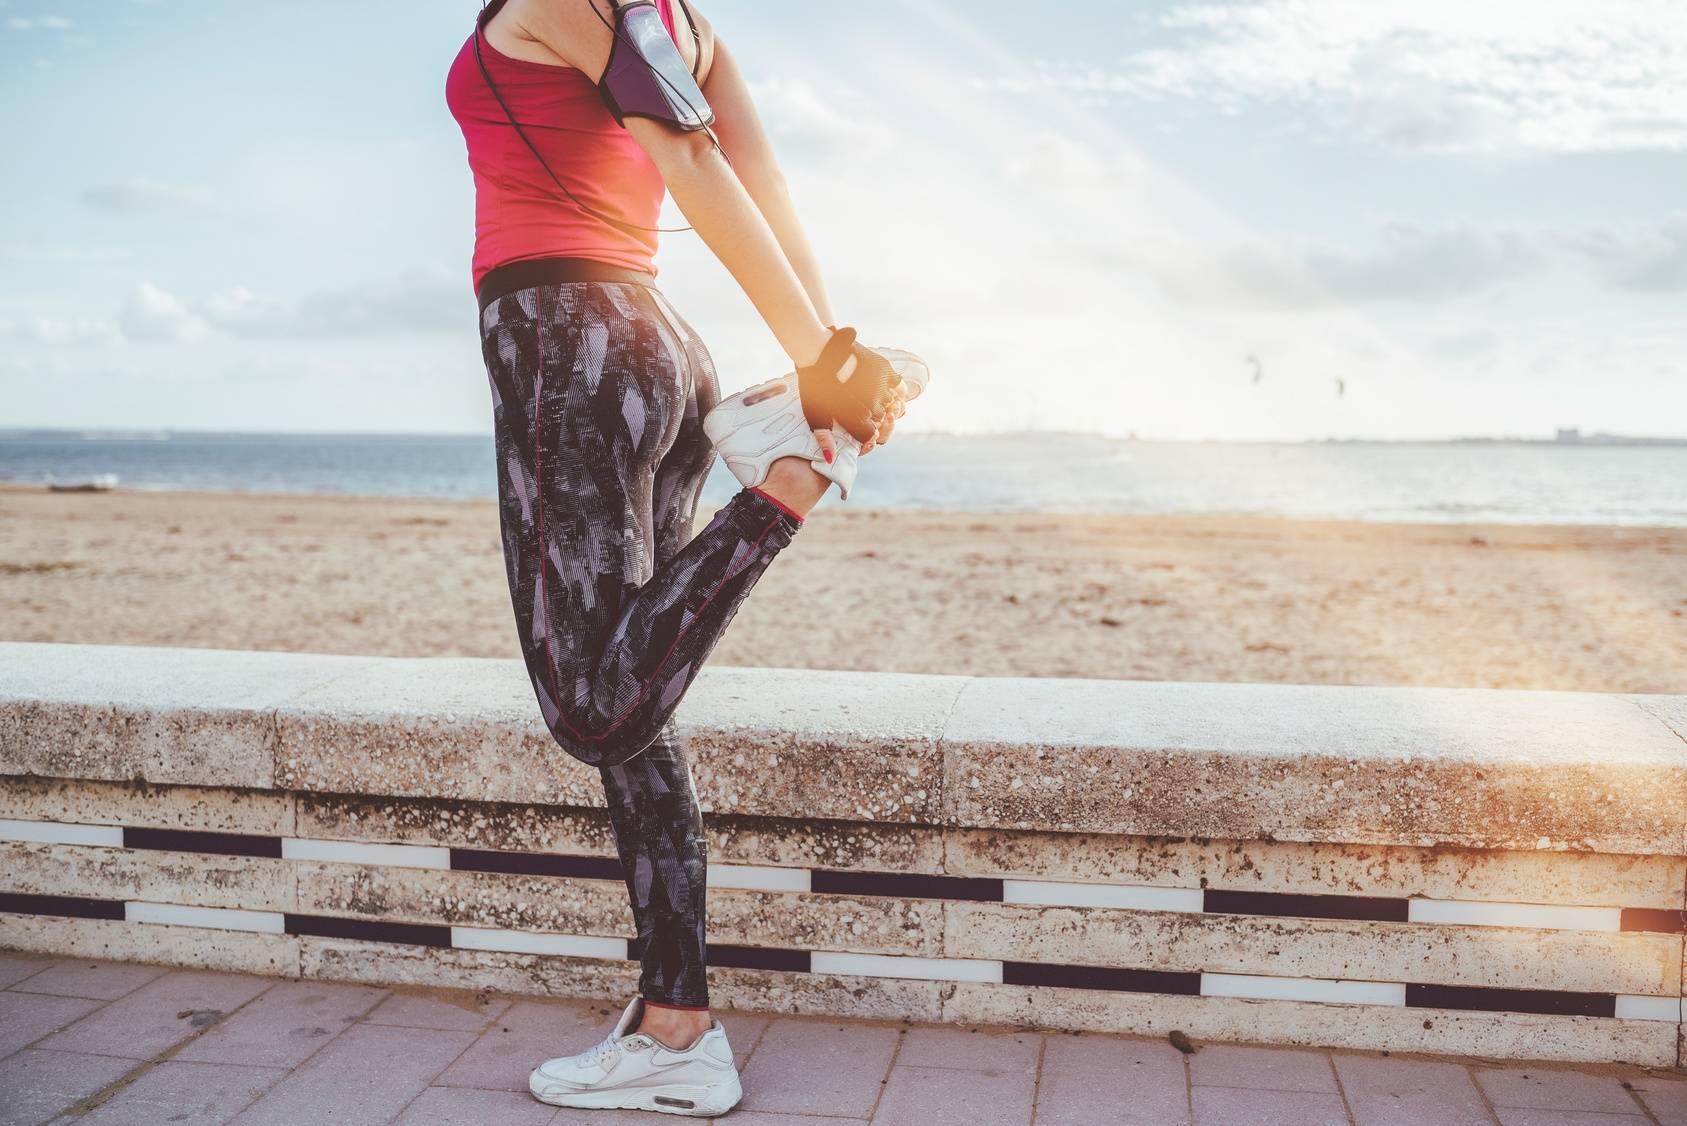 Jak powinna wyglądać rozgrzewka przed treningiem? Kobieta w sportowym stroju przygotowuje się do biegania na świeżym powietrzu.